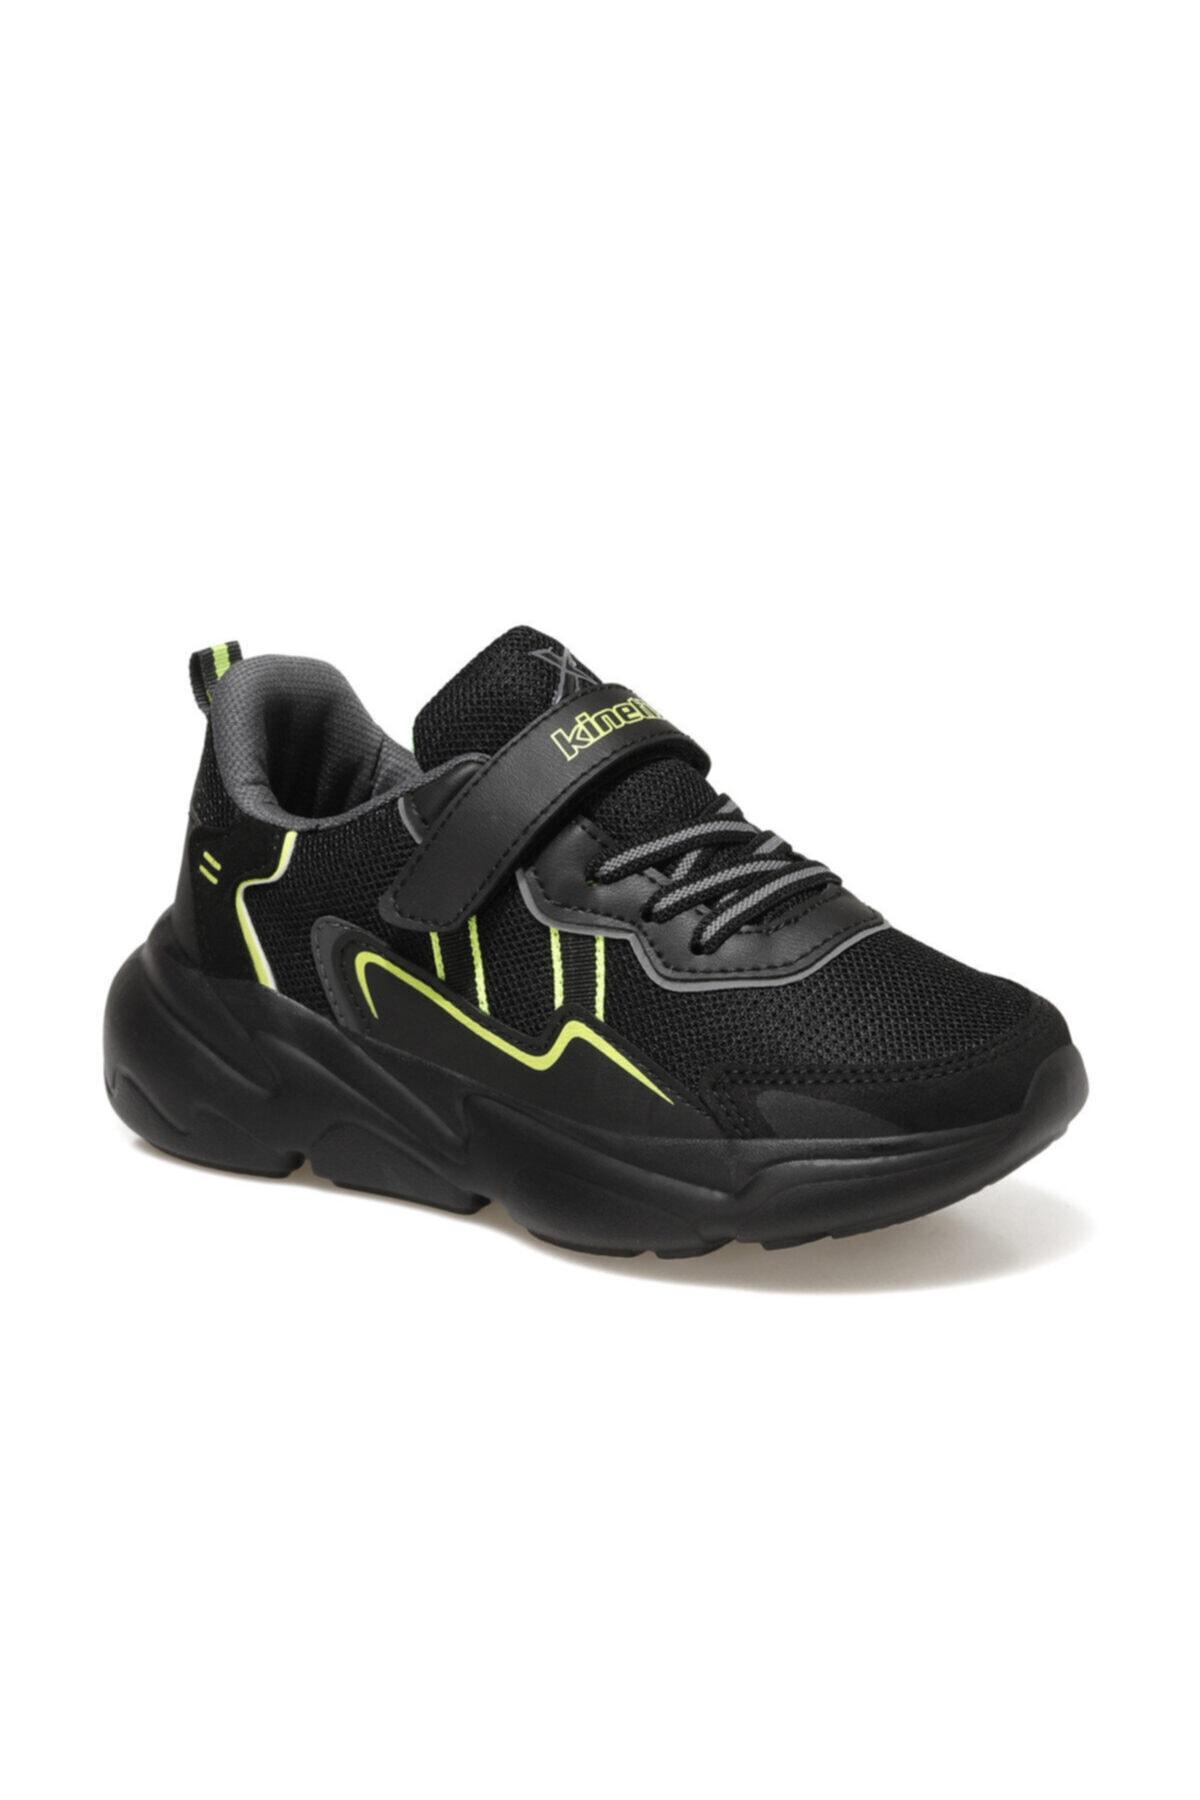 WENWORTH 1FX Siyah Erkek Çocuk Koşu Ayakkabısı 100586727